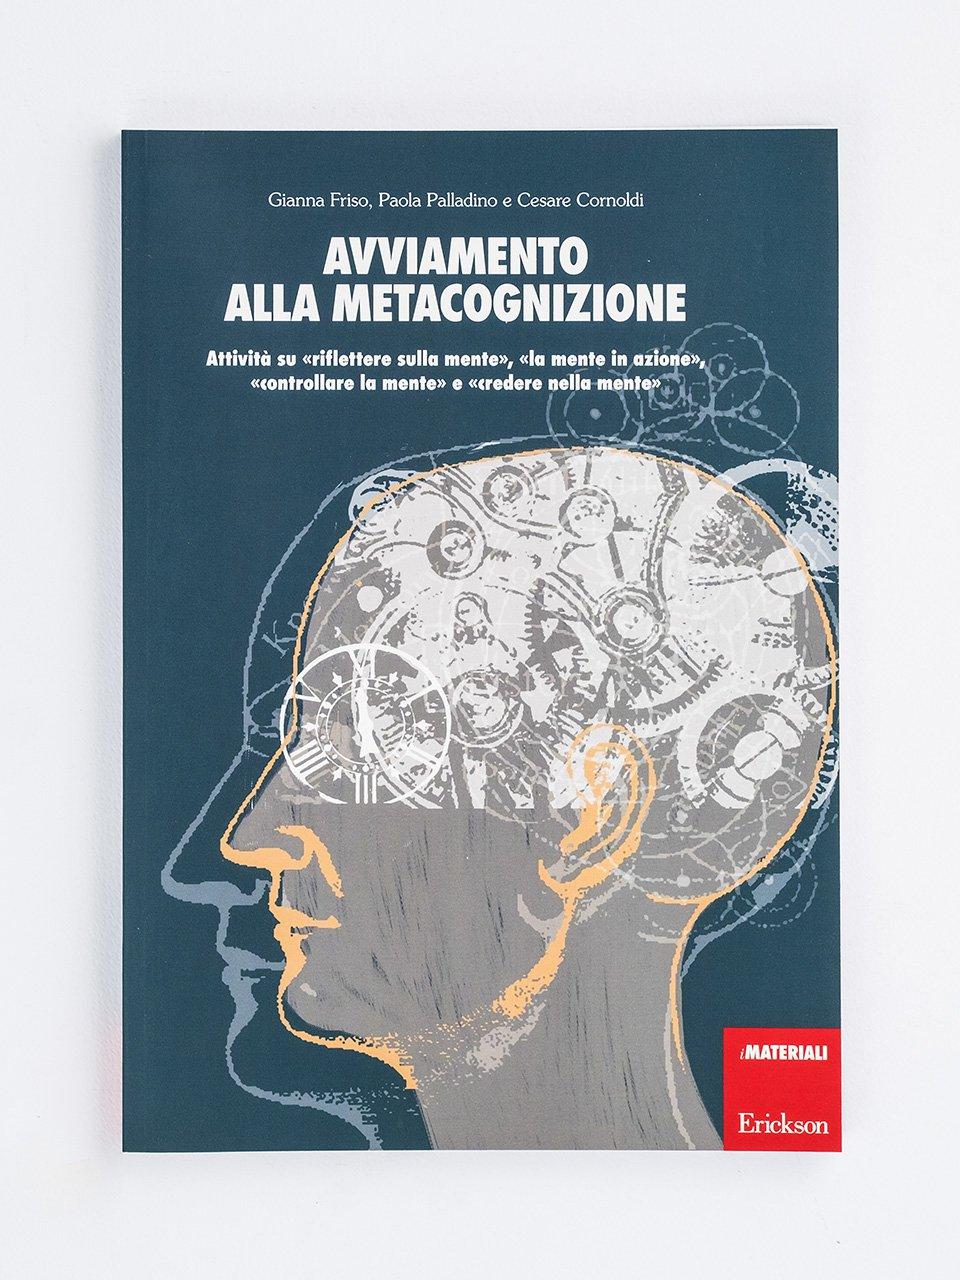 Avviamento alla metacognizione - Gianna Friso - Erickson